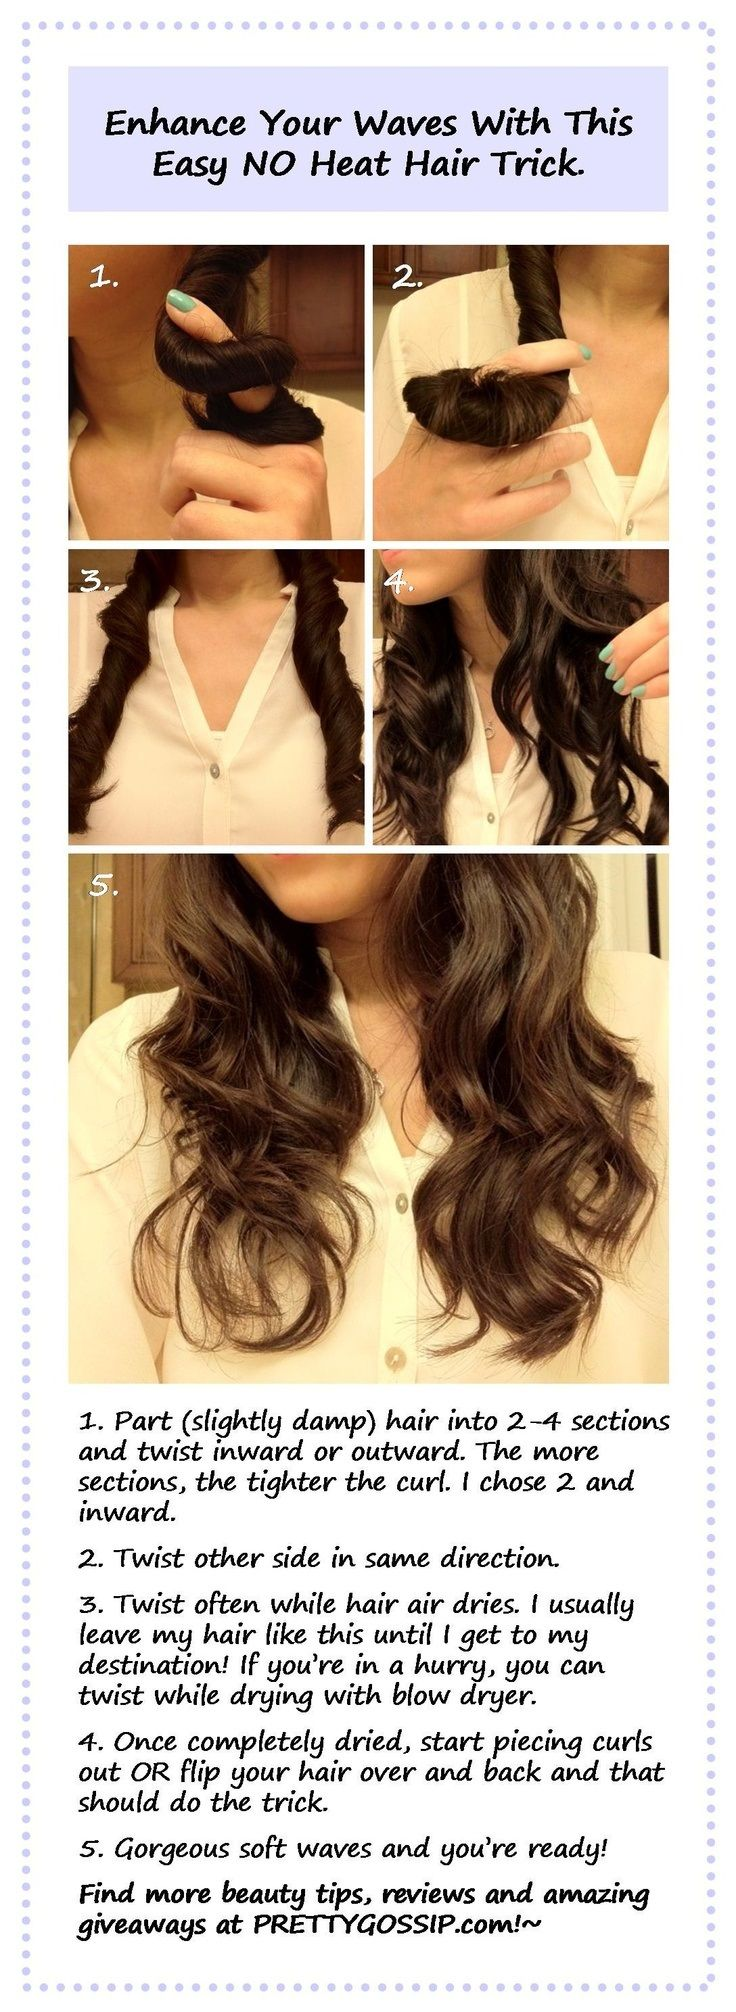 Top 10 DIY No Heat Curls ~Great natural look from website: www.topinspired.com/top-10-diy-no-heat-curls/